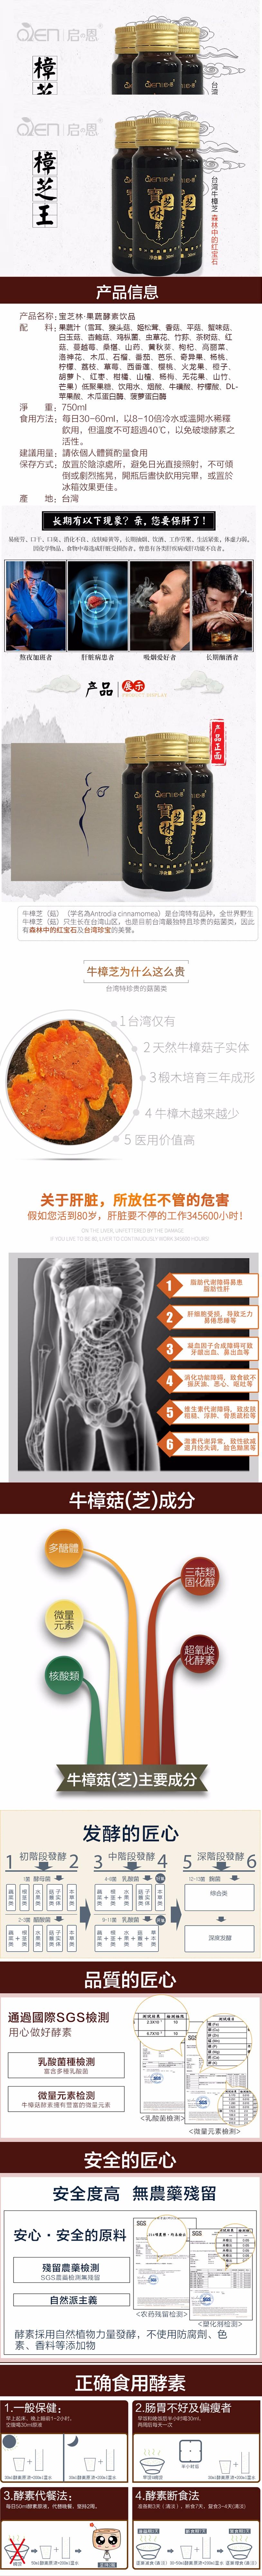 台湾寳芝林酵素液30ml(去广告.jpg